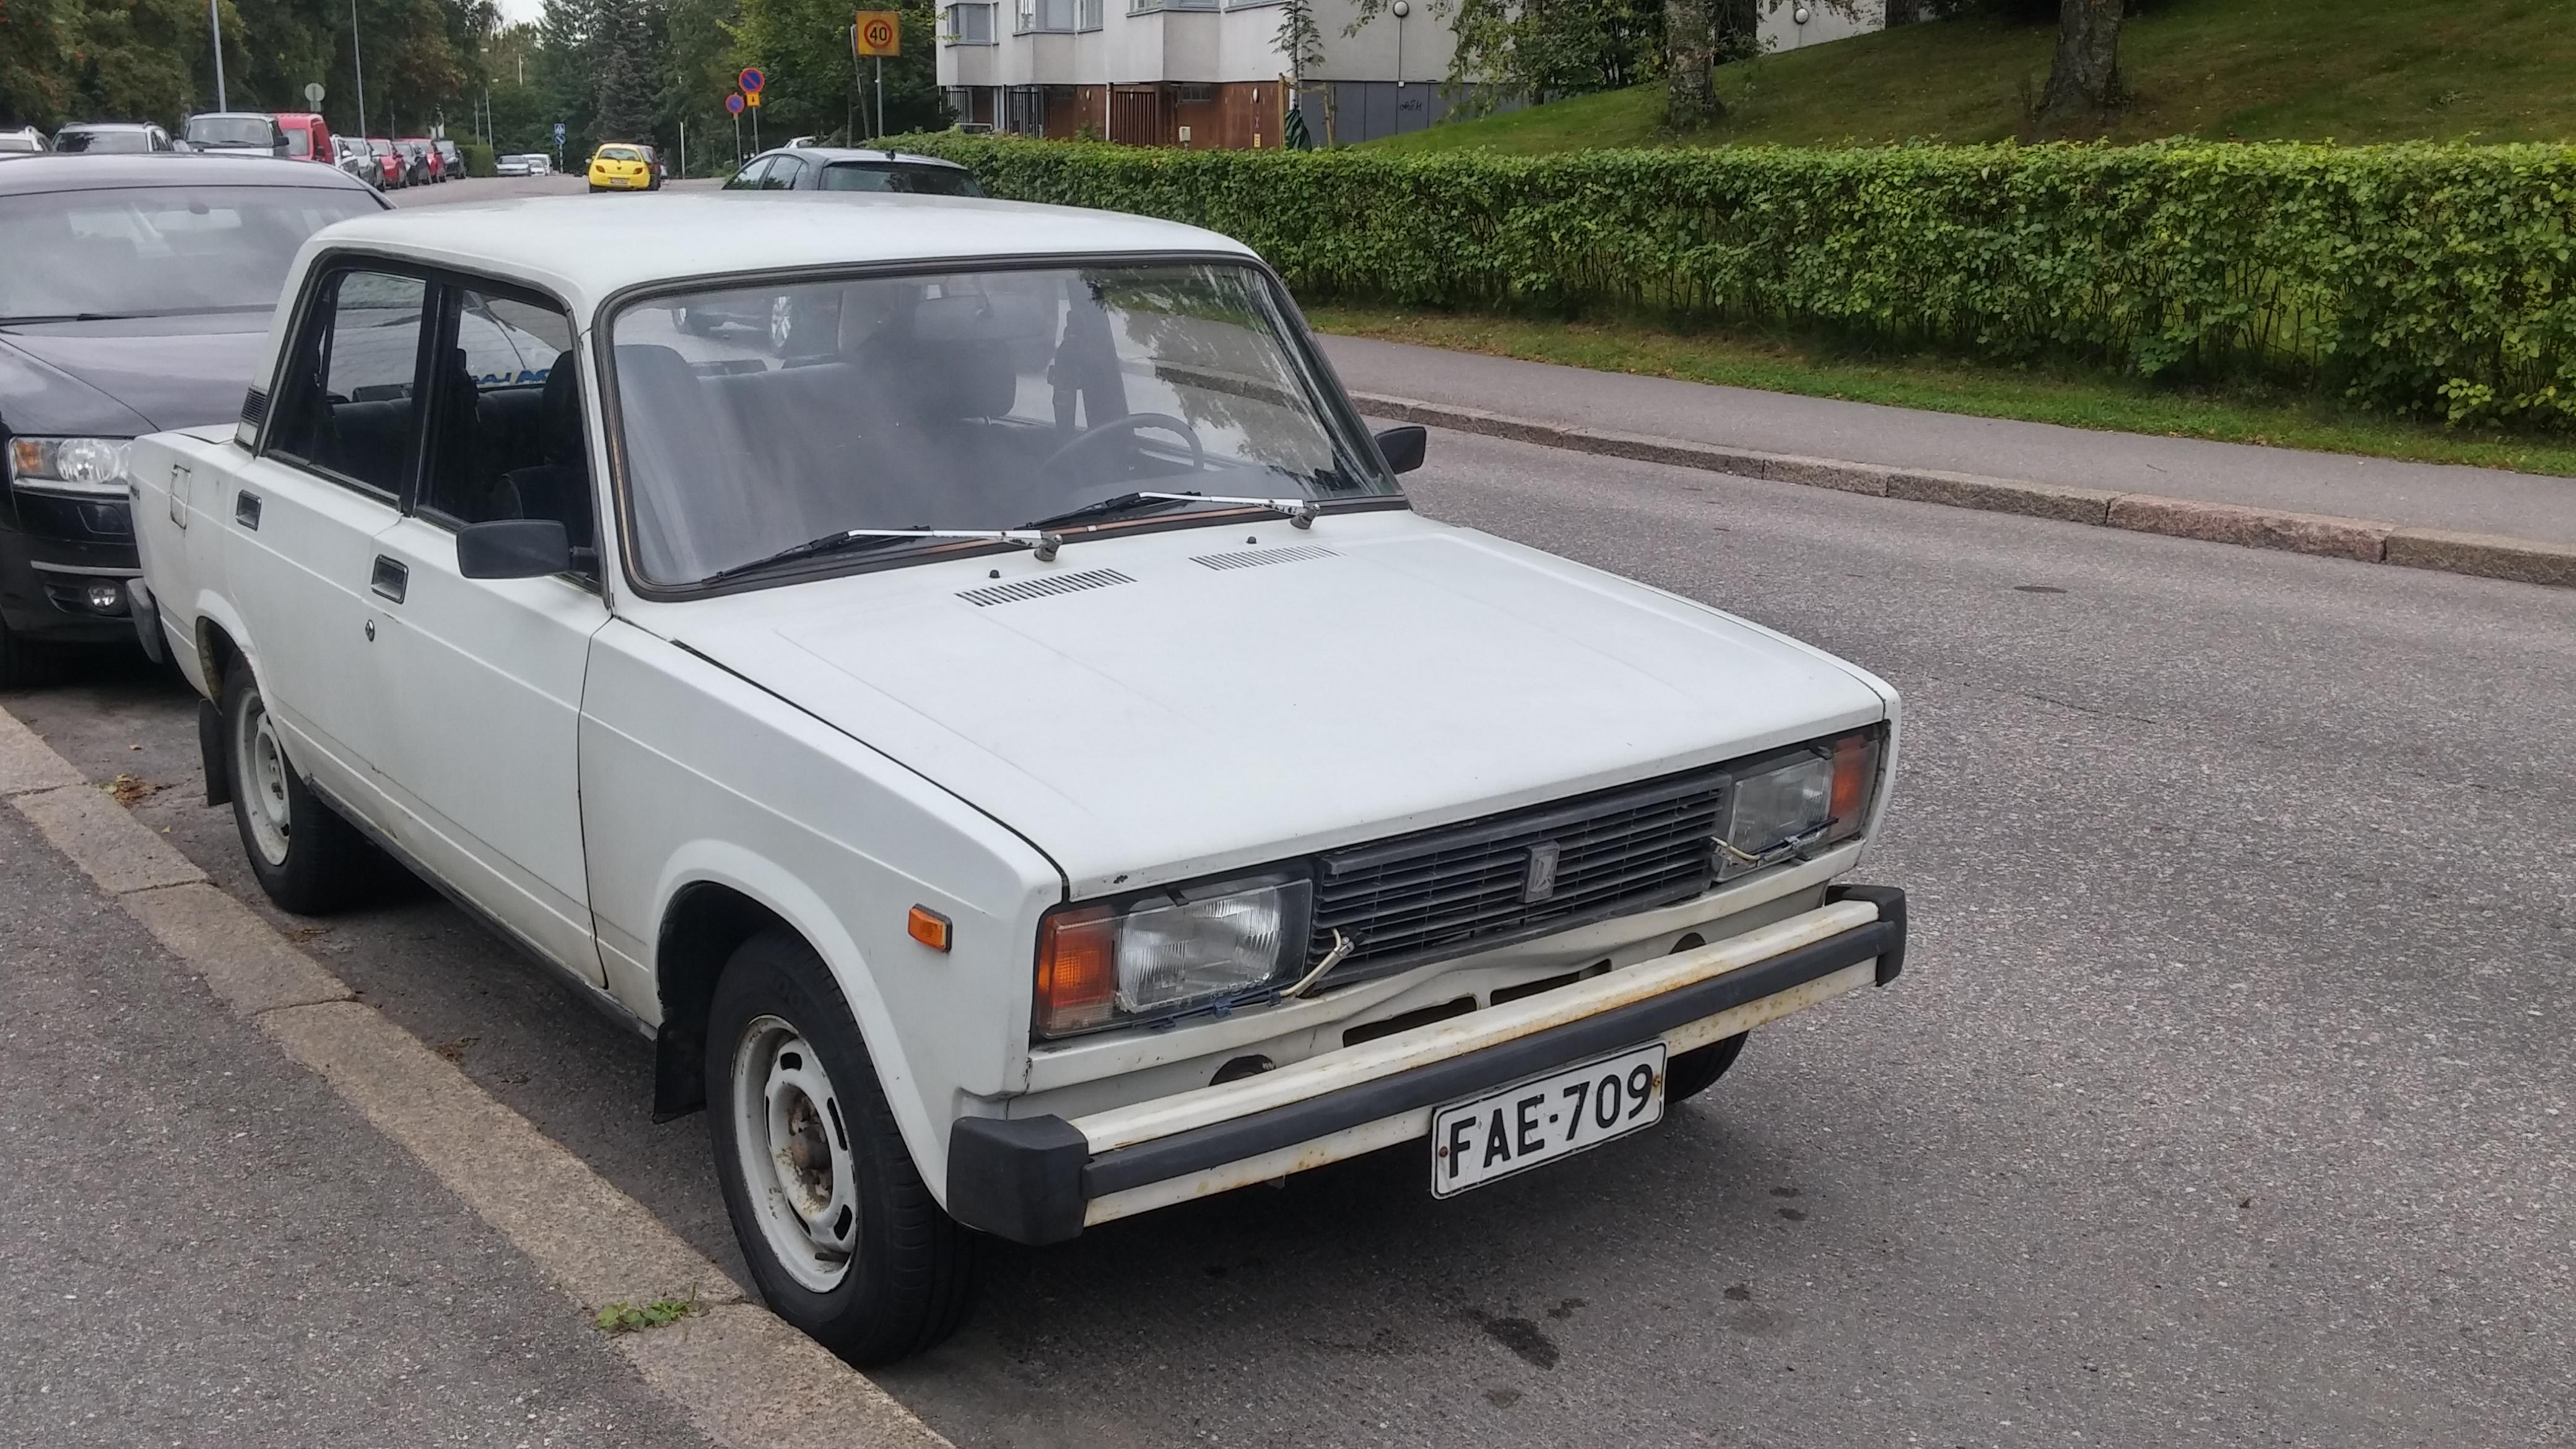 File:1990 Lada 2105.jpg